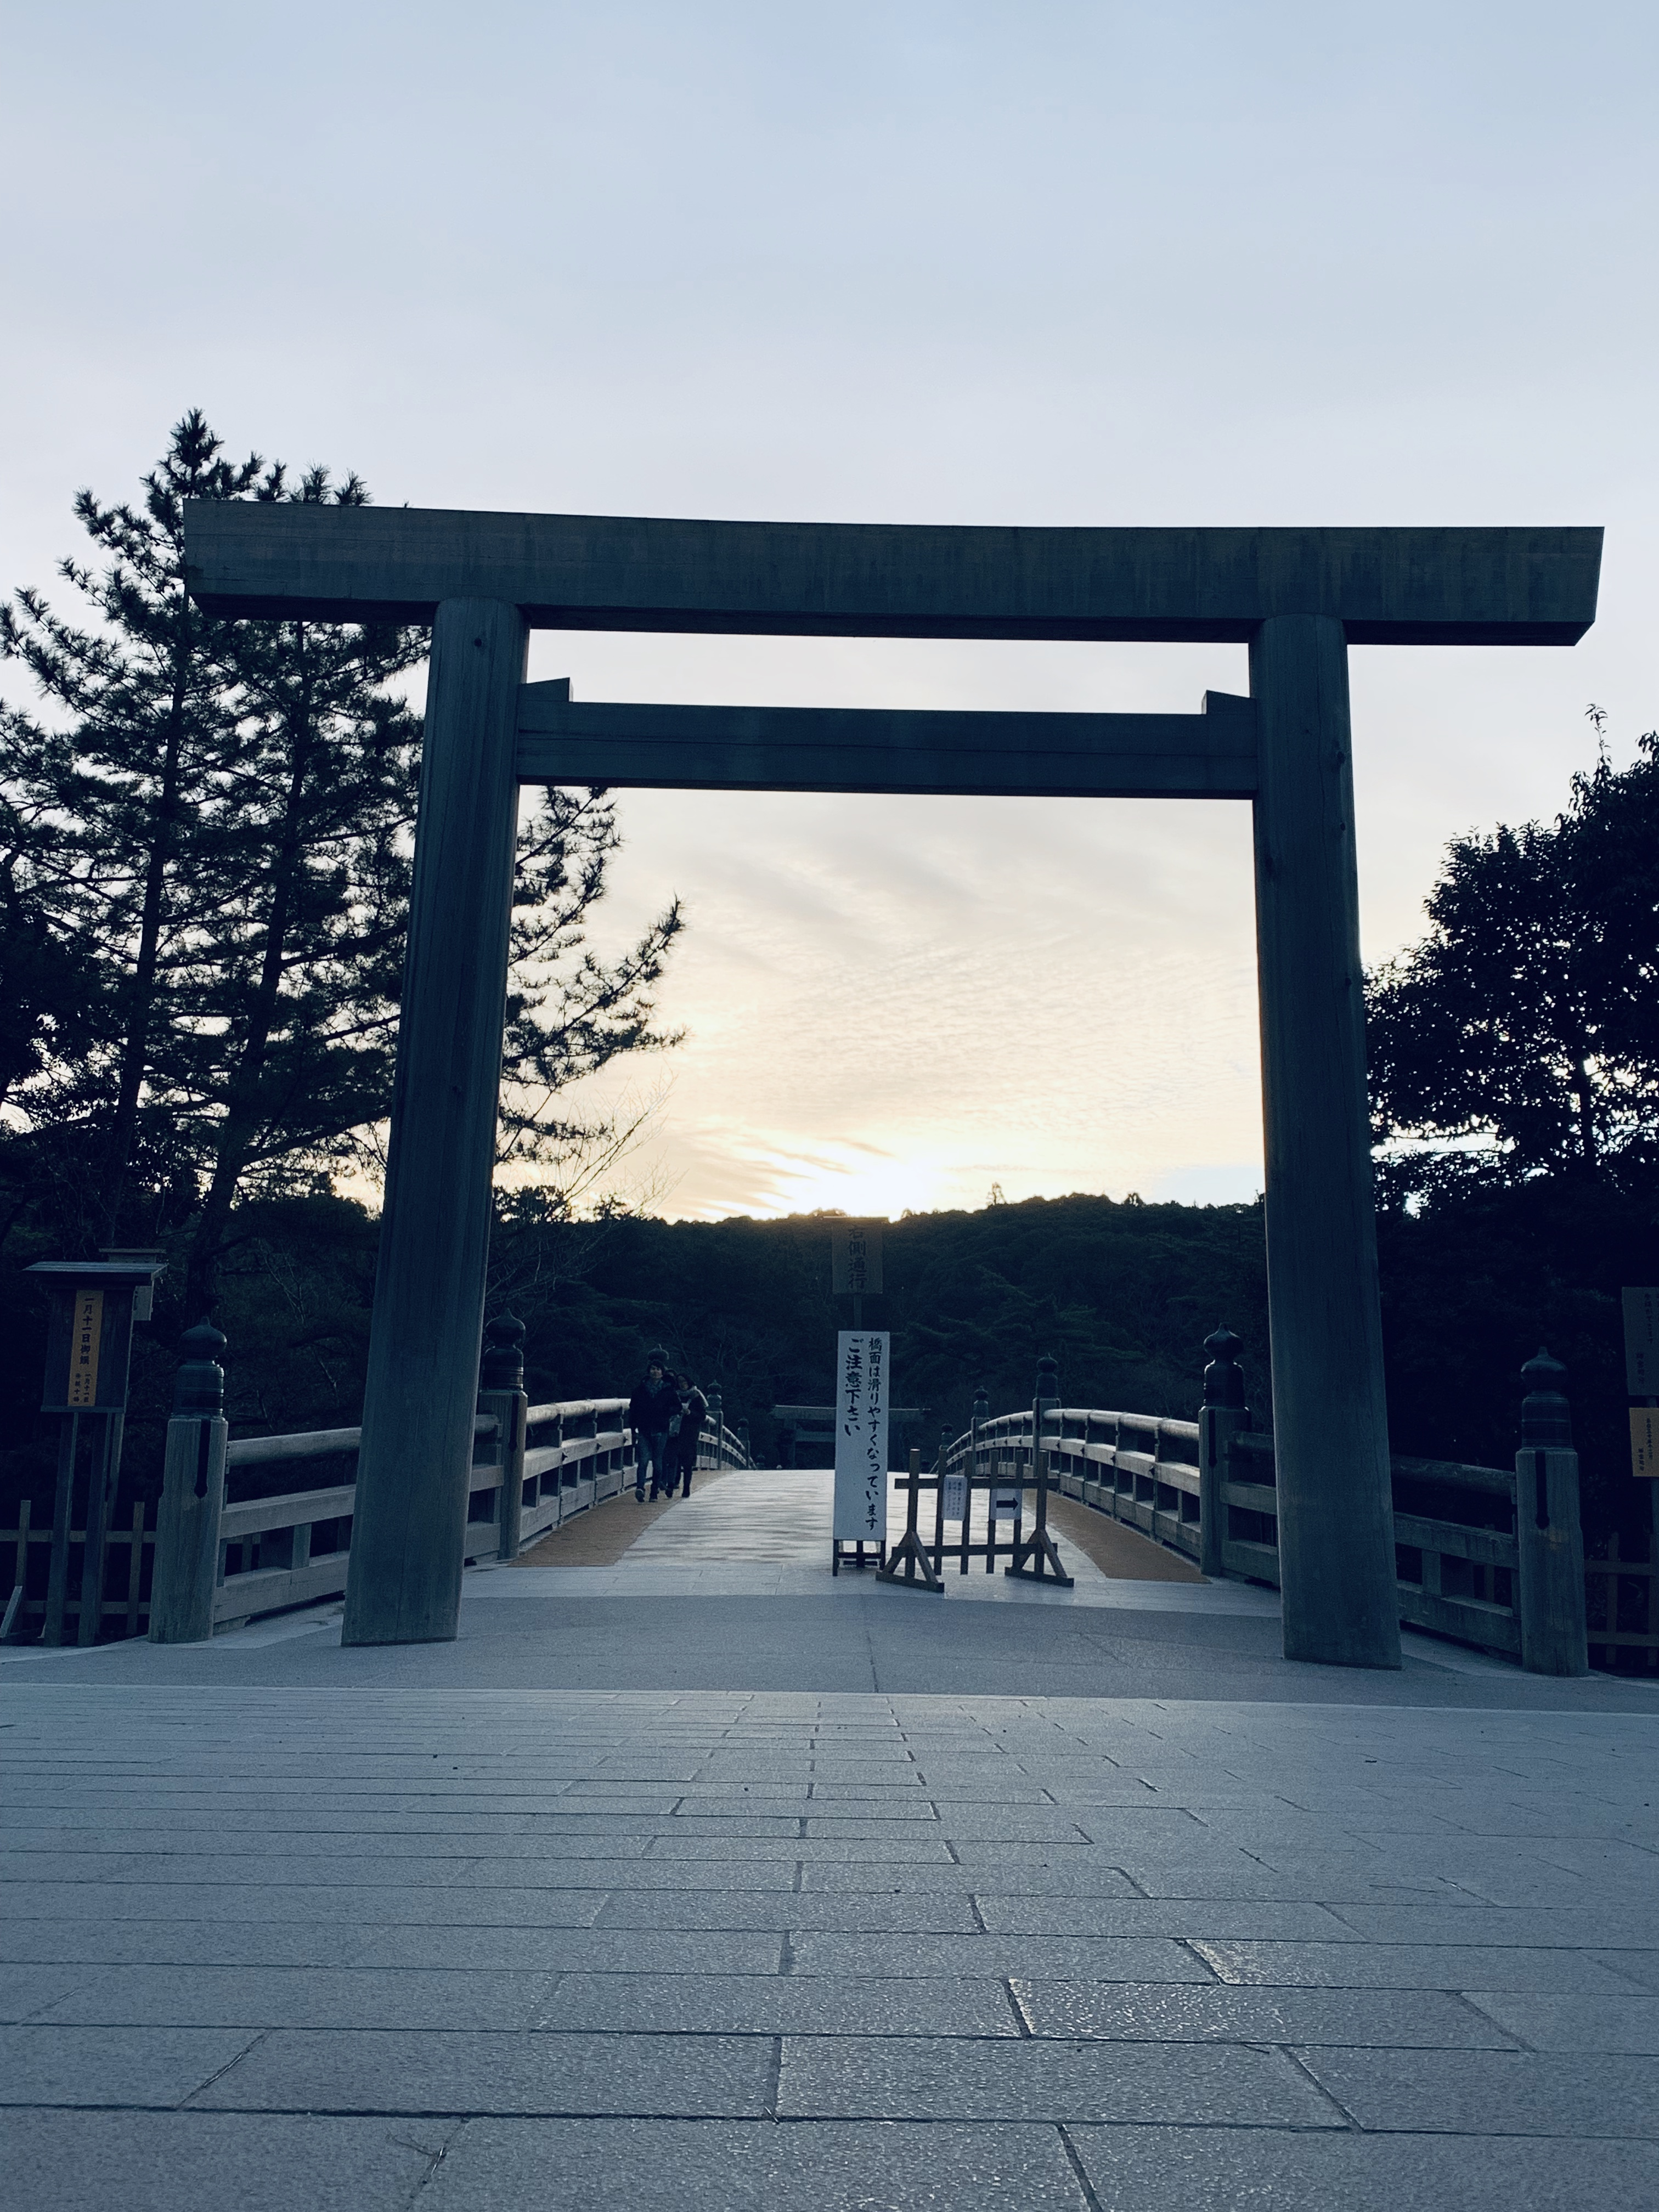 伊勢神宮の正式な参拝・御垣内参宮